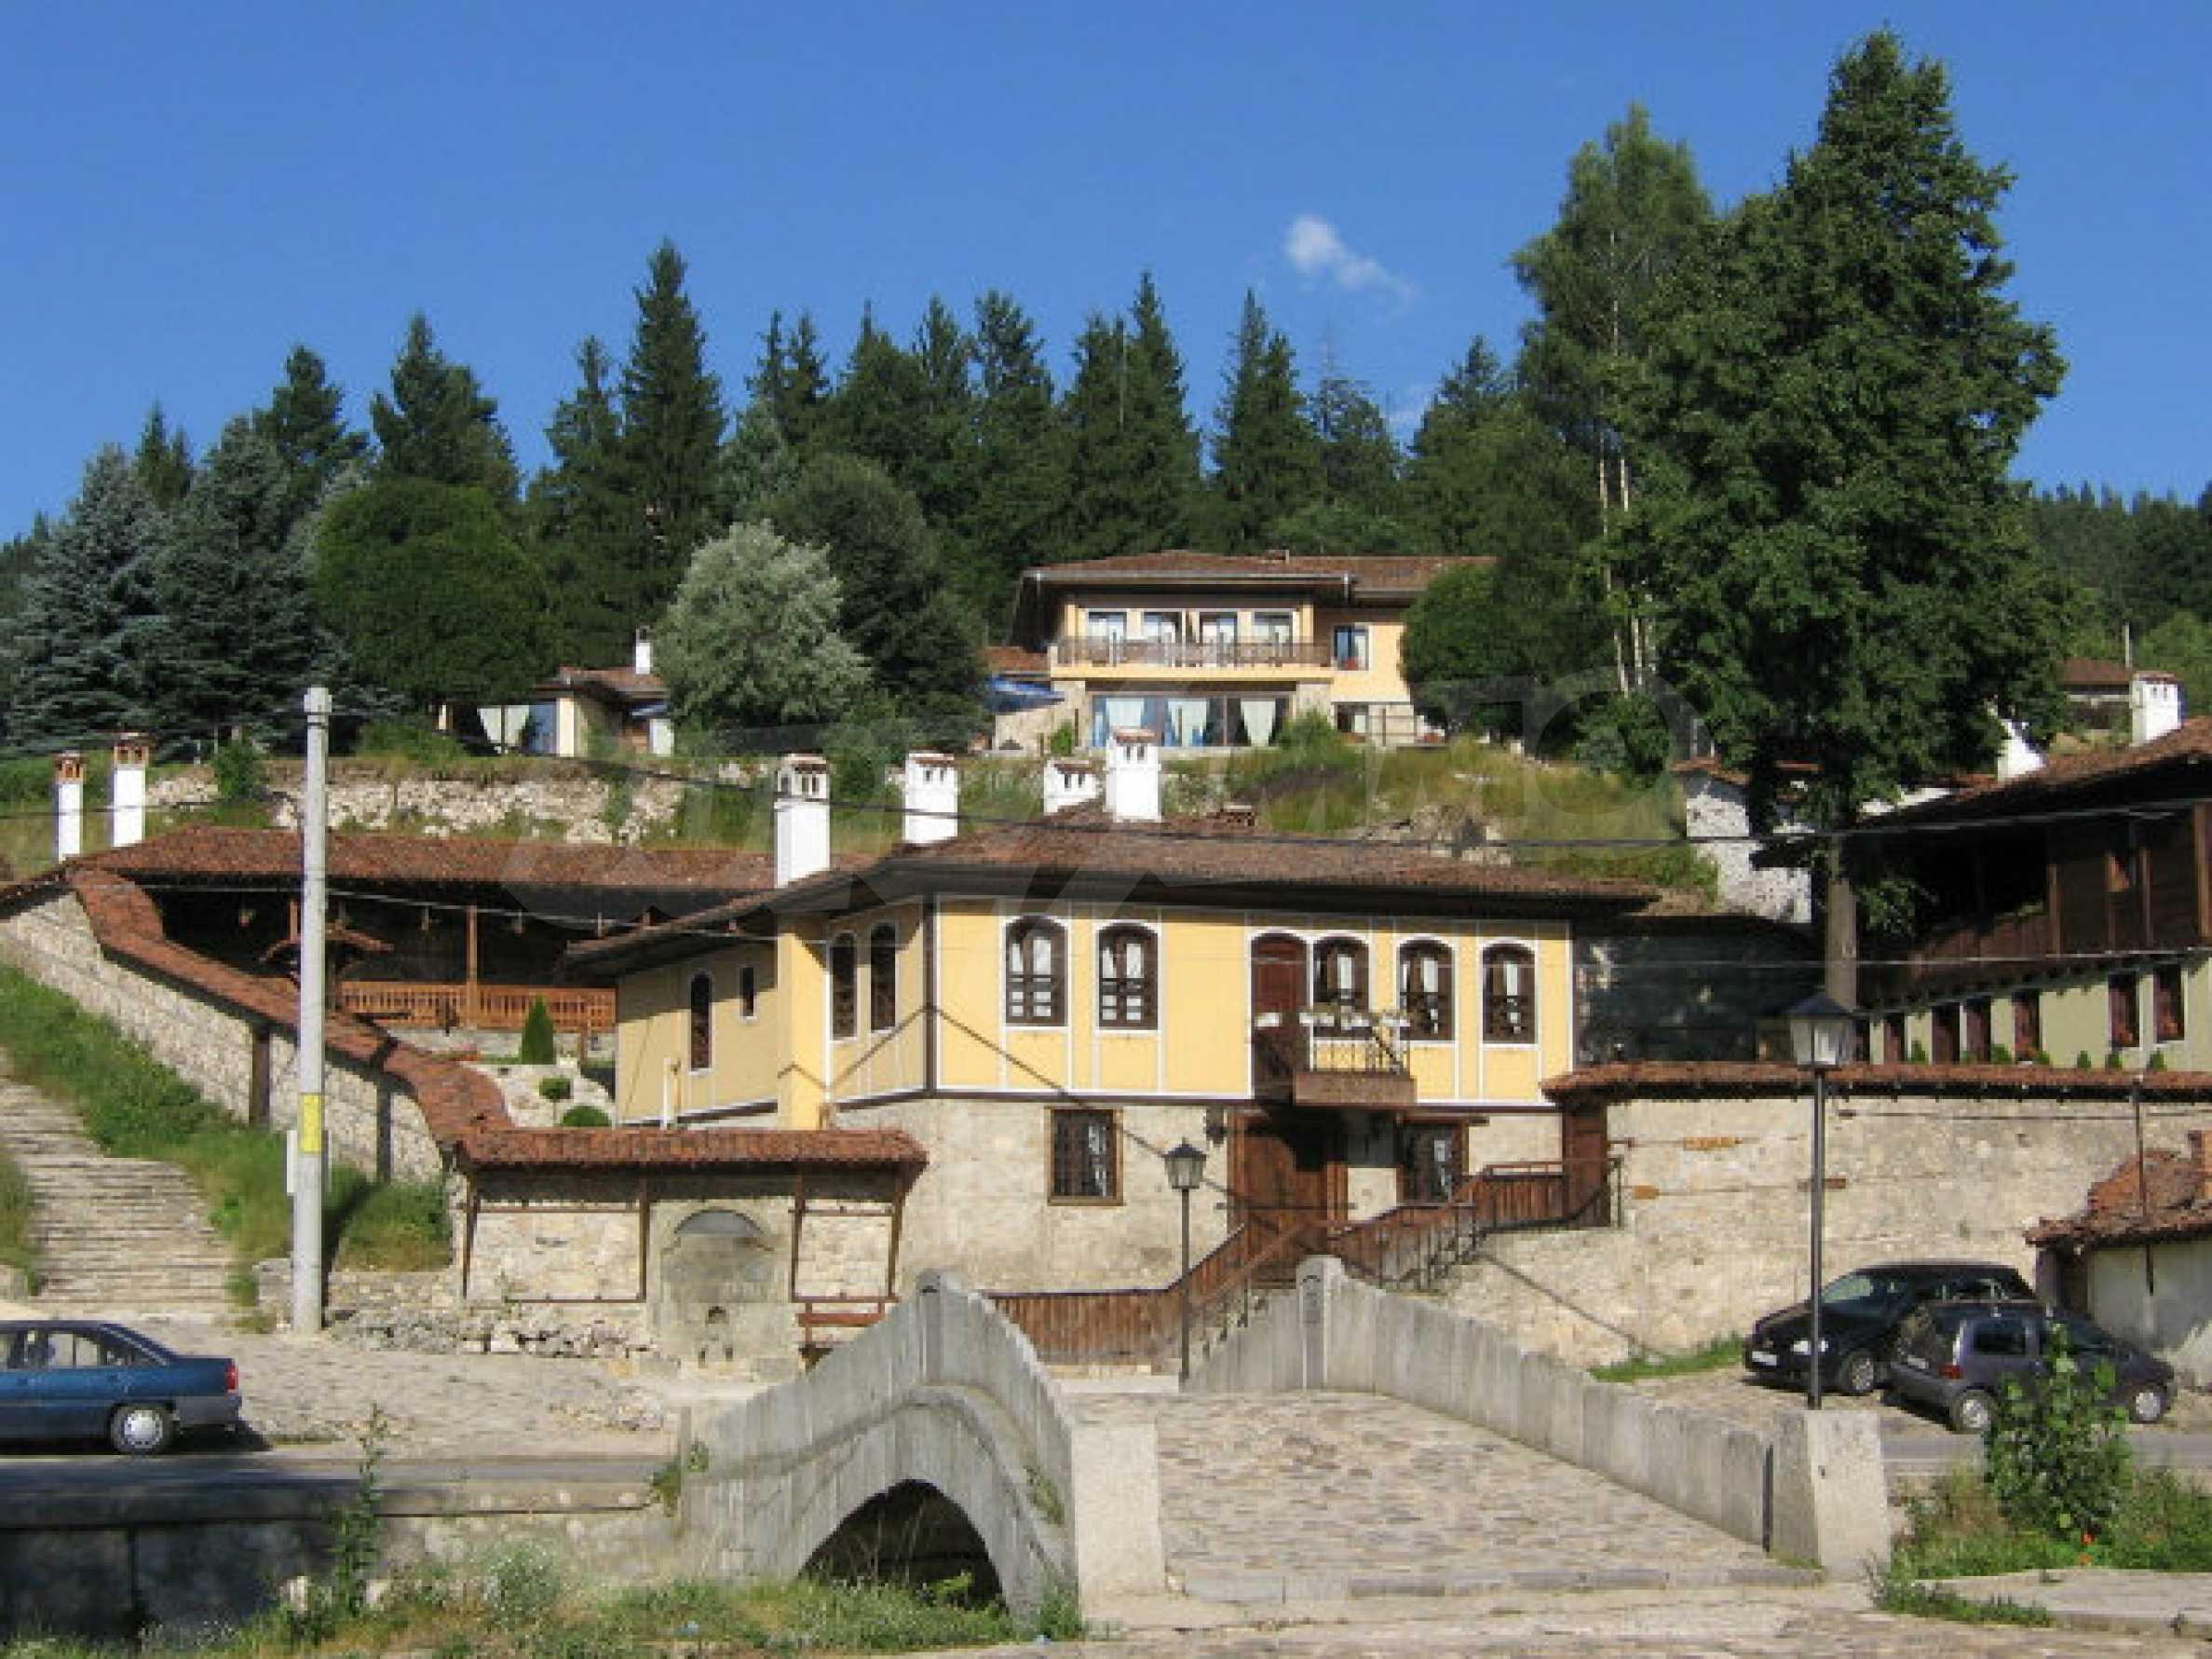 Урегулиран парцел в град-музей Копривщица 7